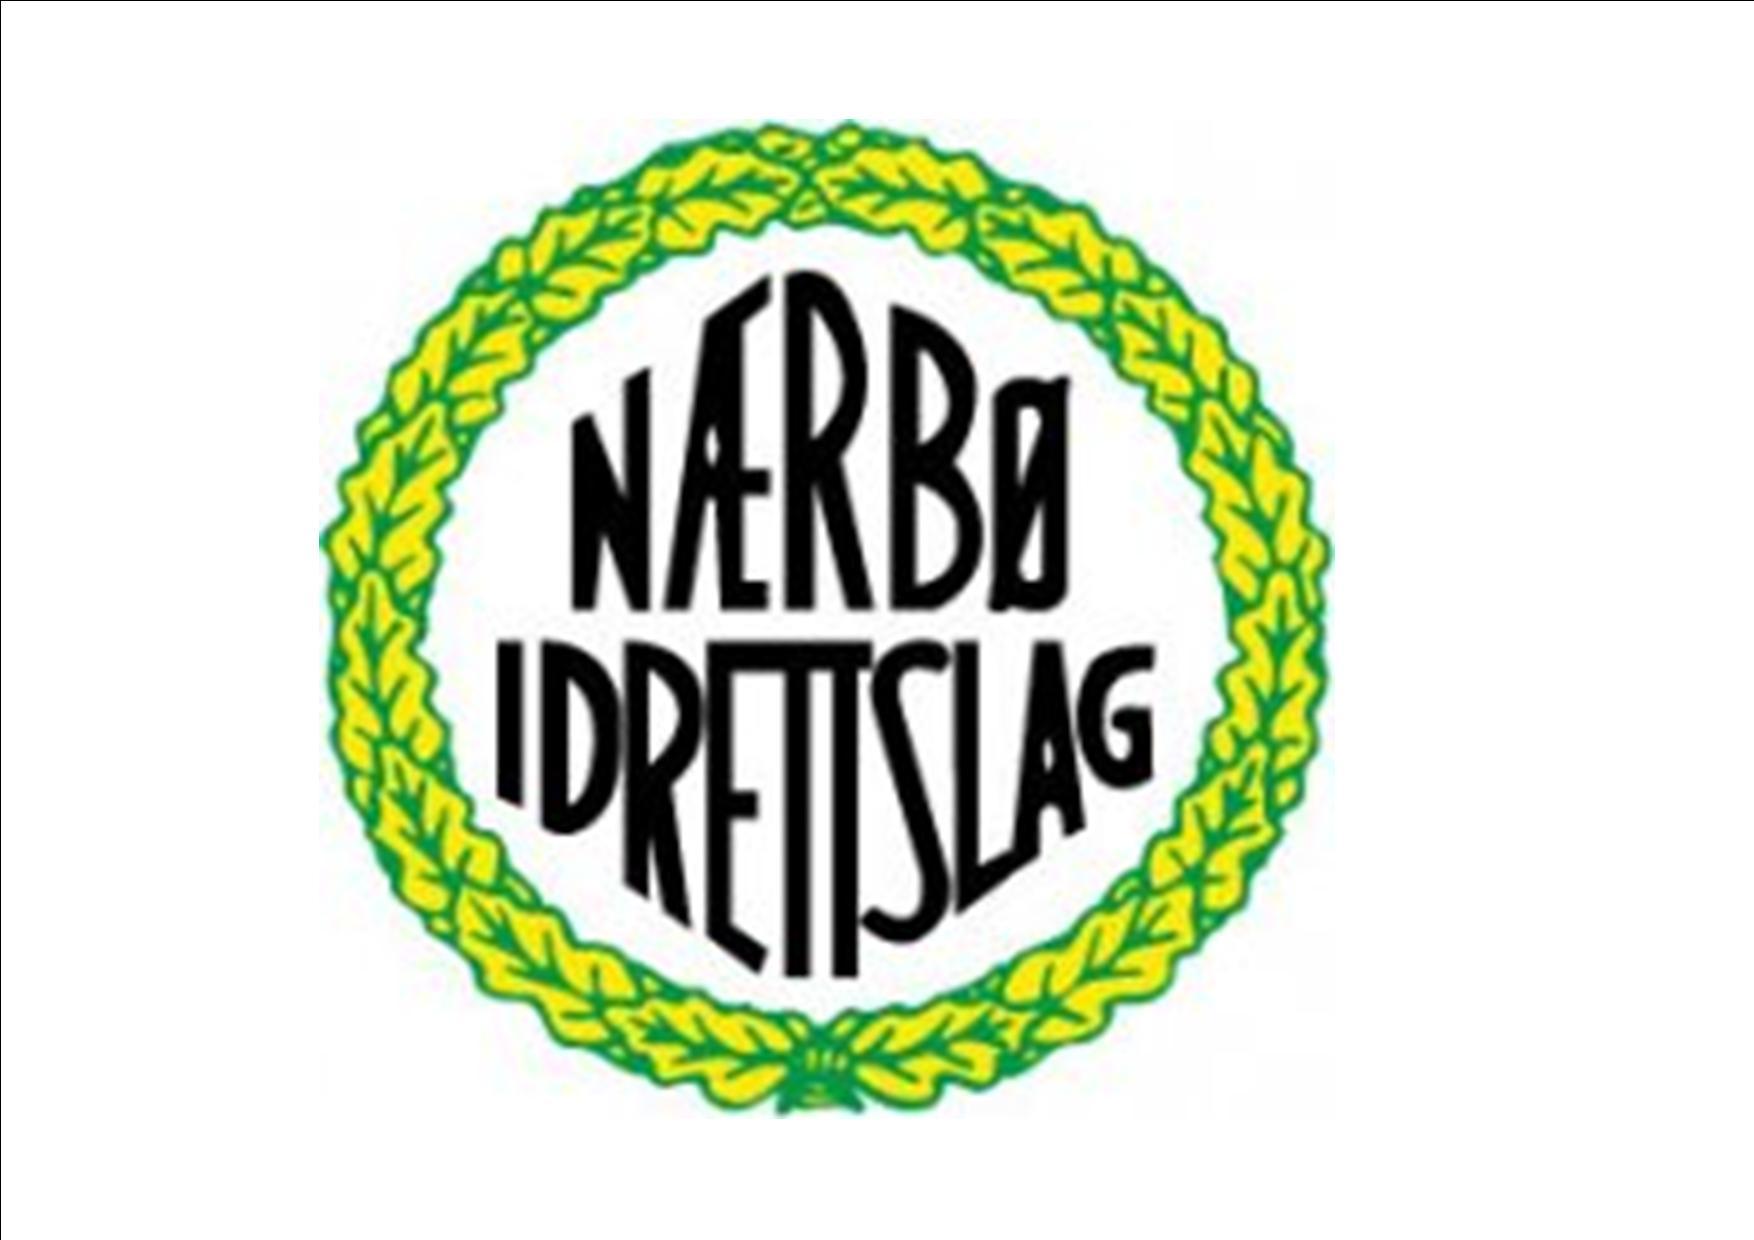 nearbo